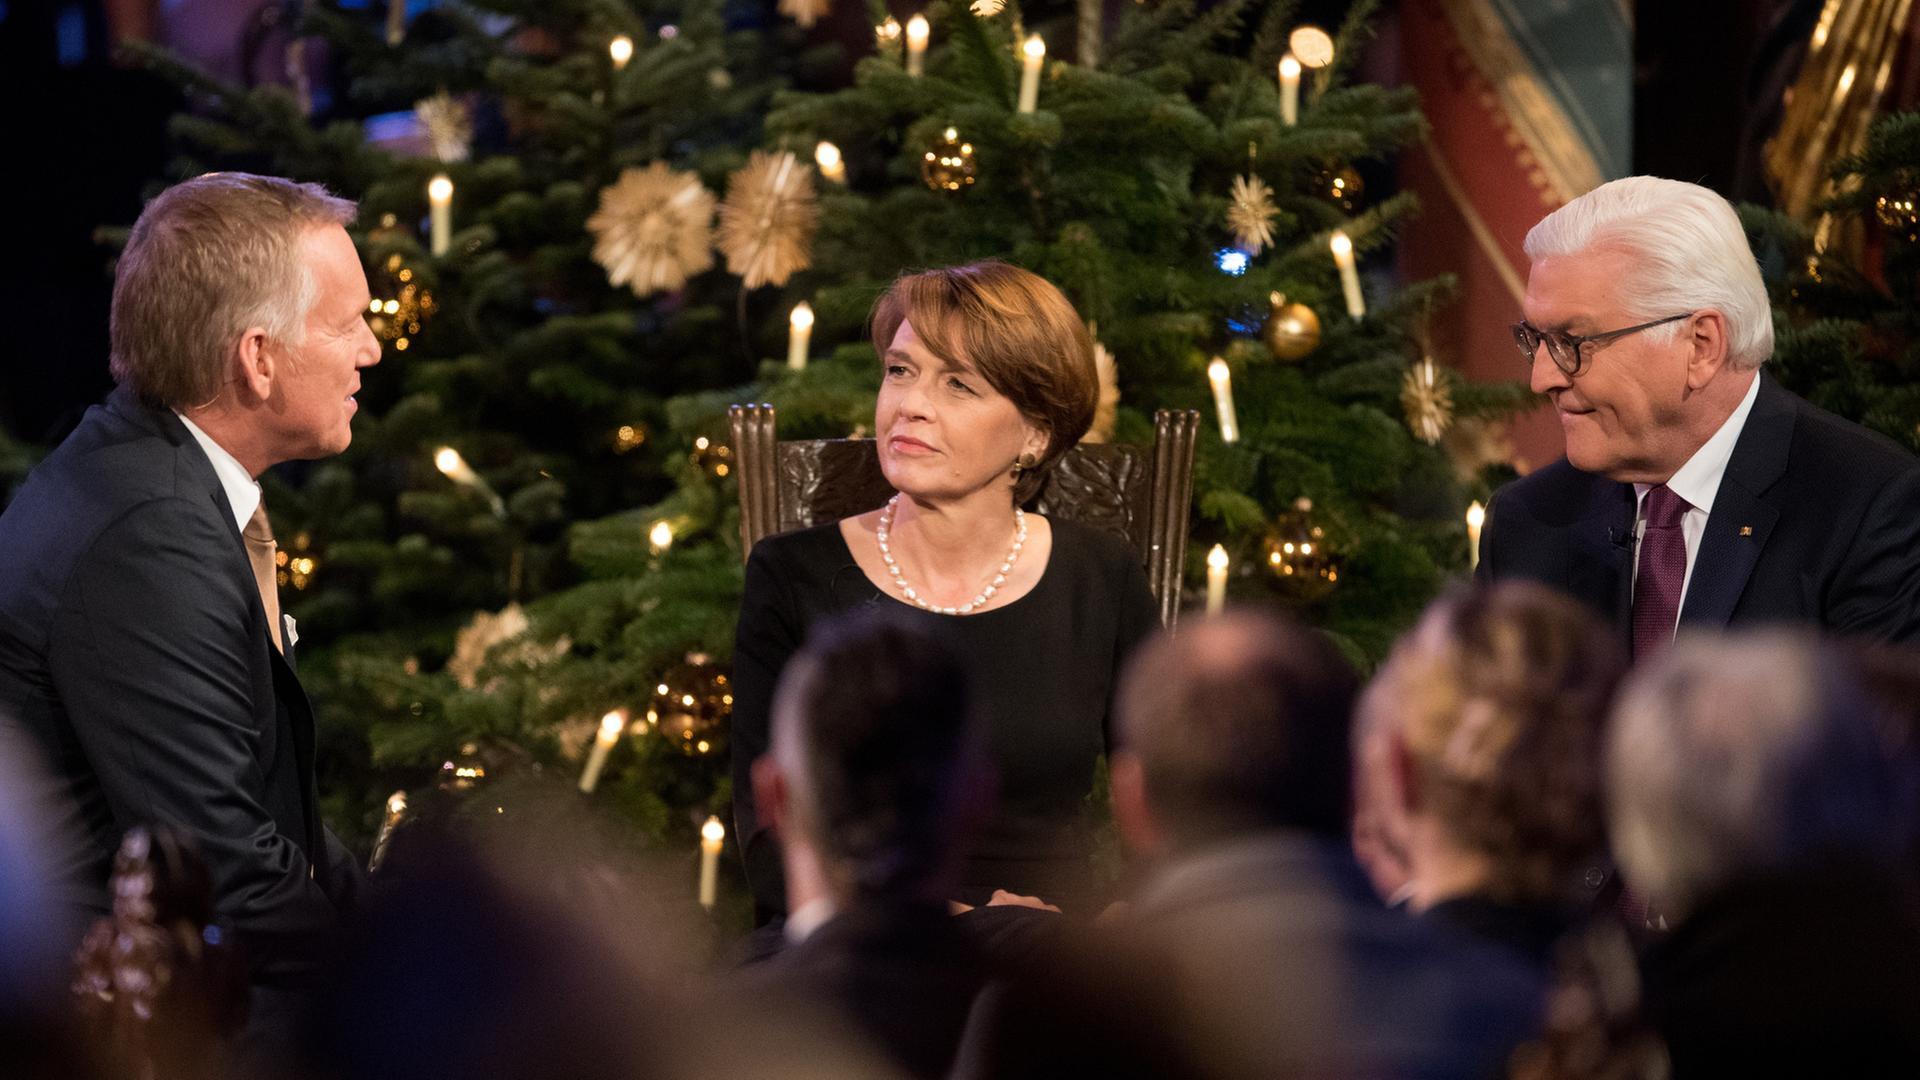 Weihnachten mit dem Bundespräsidenten - ZDFmediathek